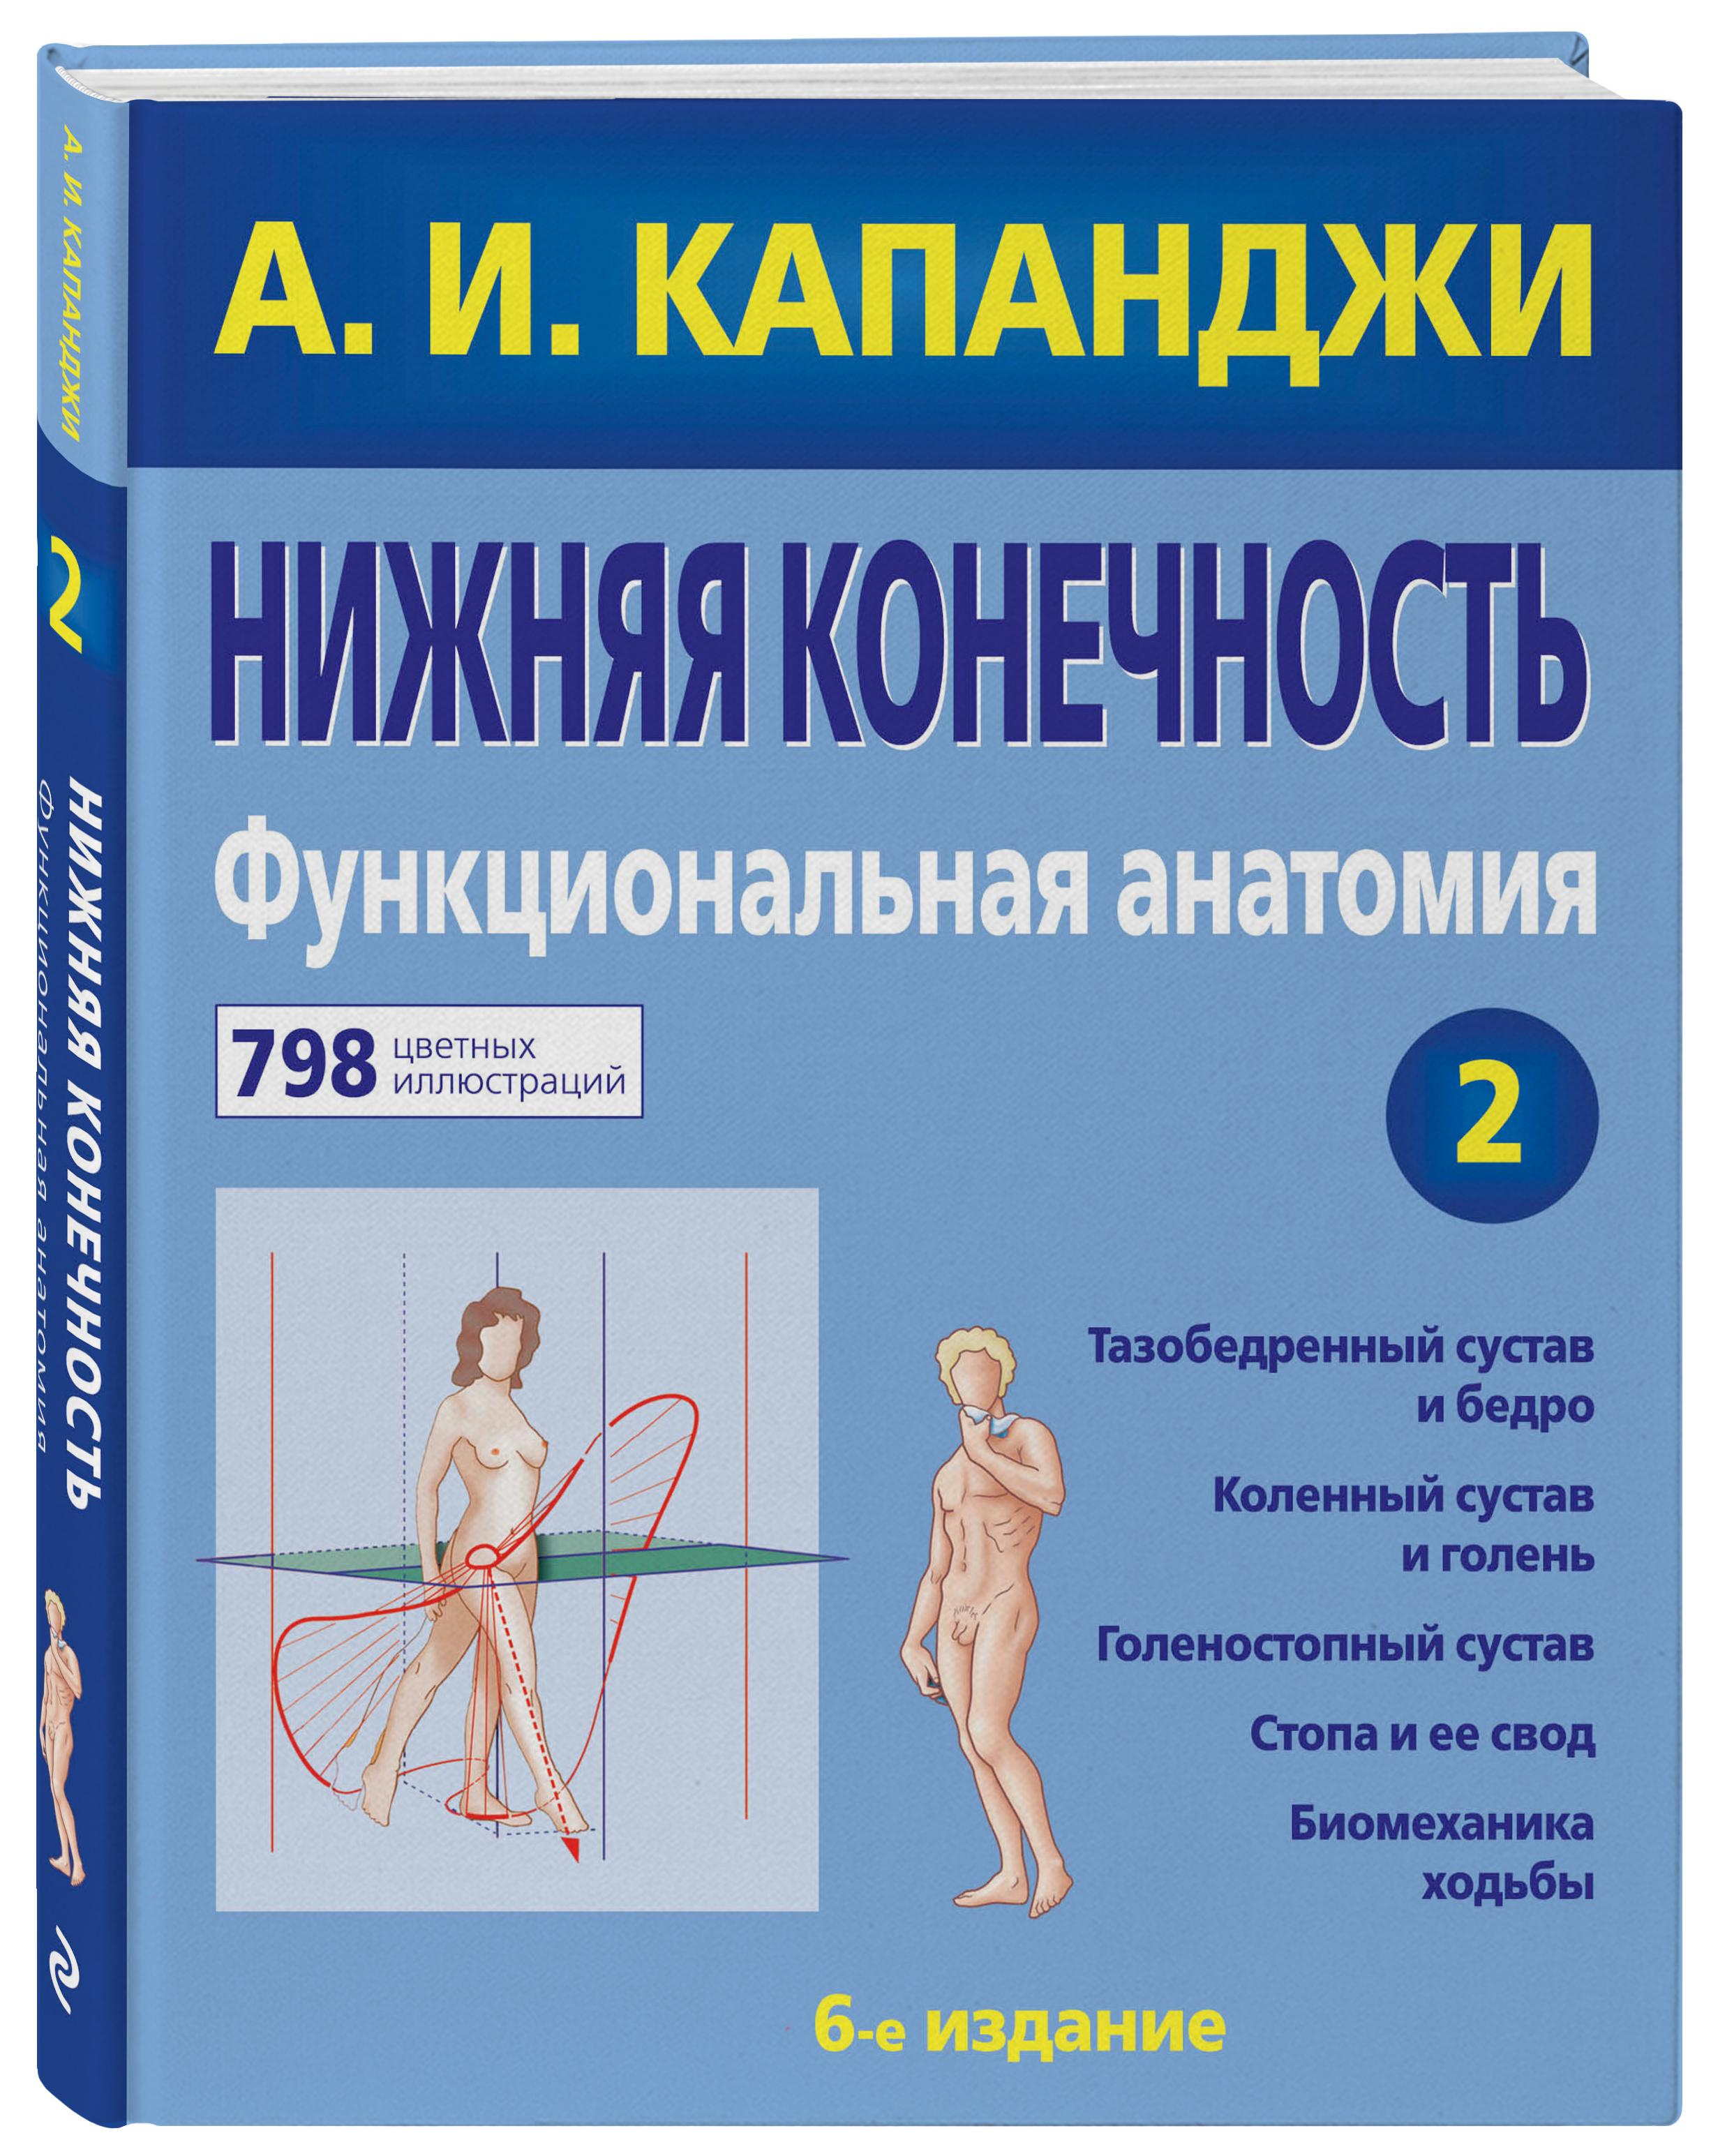 Капанджи А.И. Нижняя конечность: Функциональная анатомия книги эксмо нижняя конечность функциональная анатомия